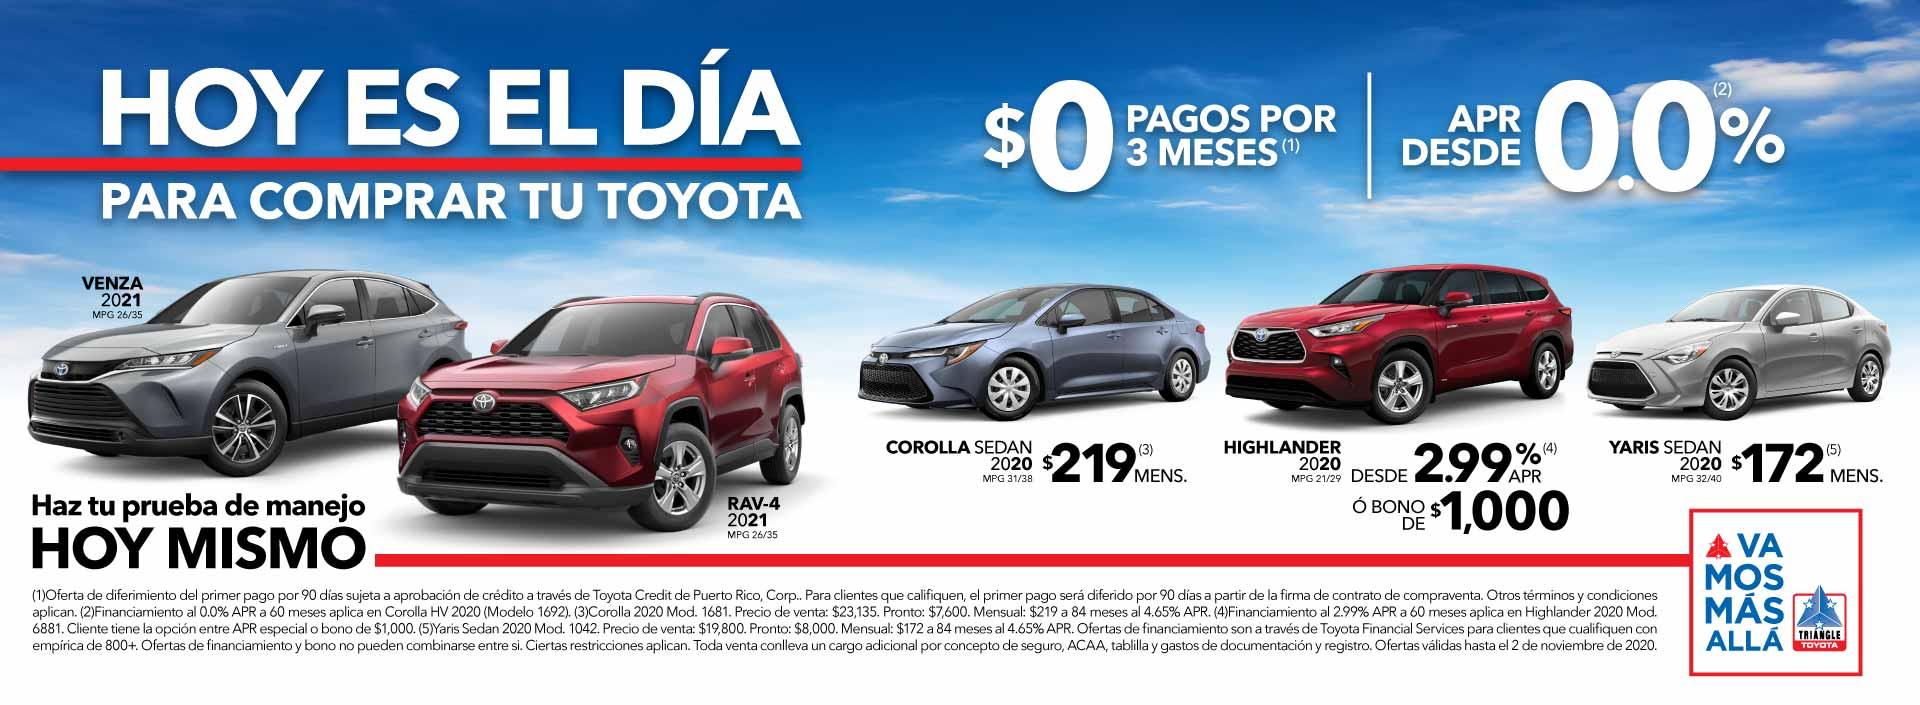 T.Toyota_Hoy es el día_1920x705-Oct